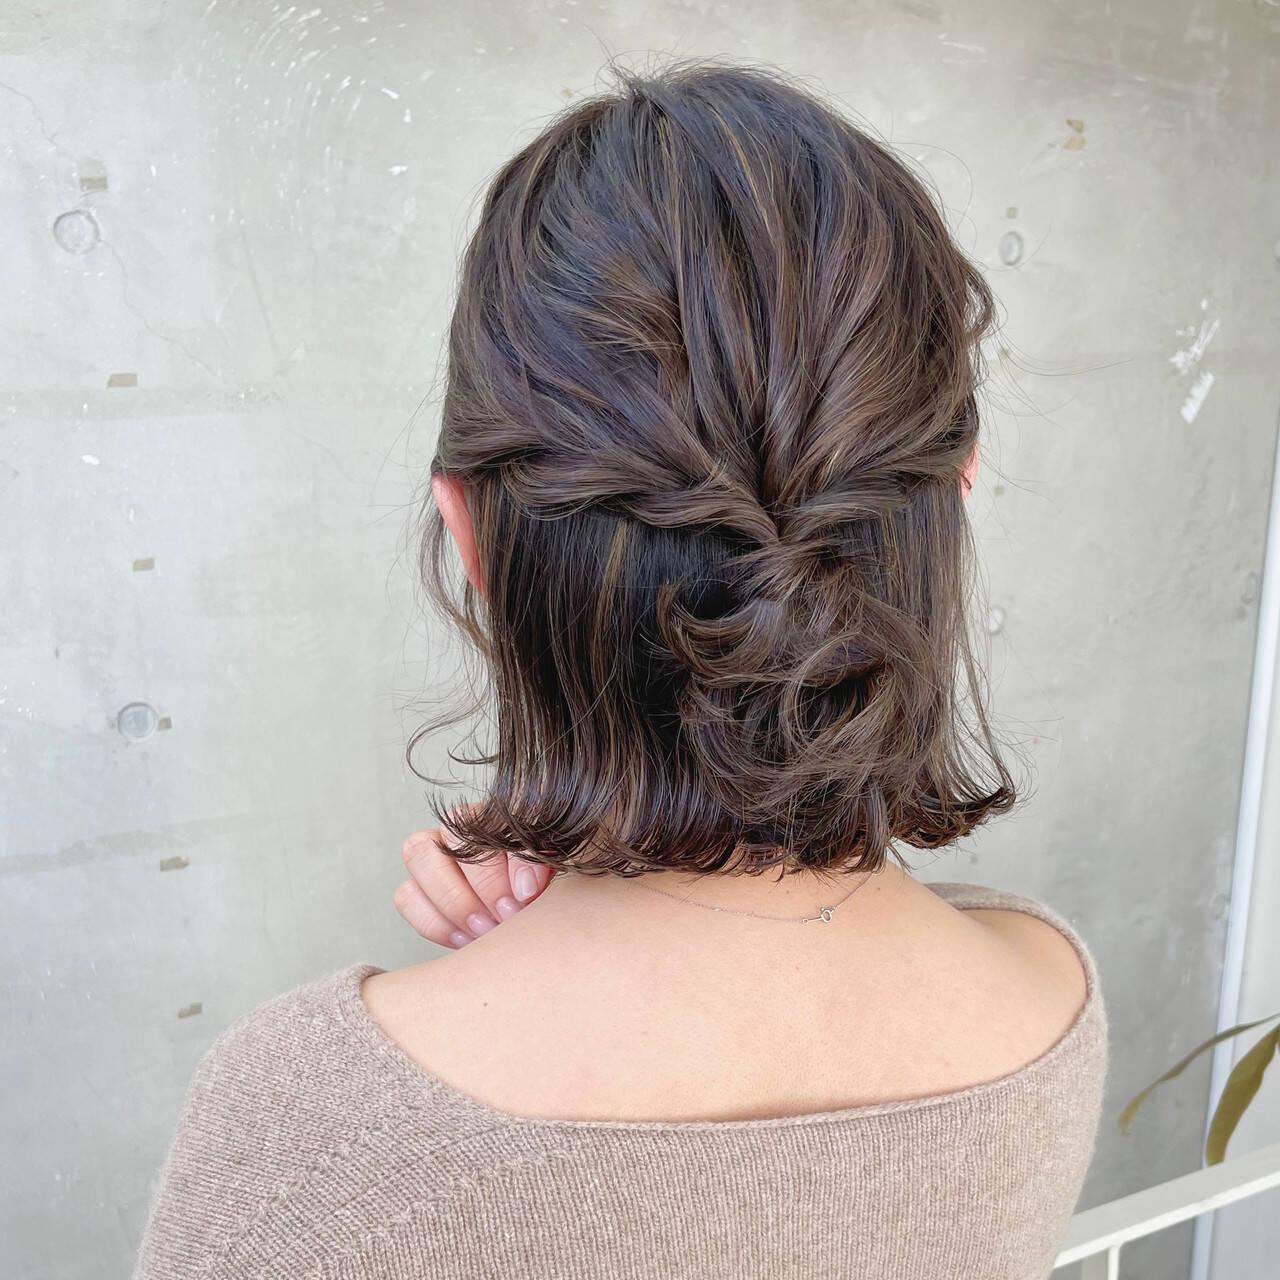 ハーフアップ ミニボブ エレガント 切りっぱなしボブヘアスタイルや髪型の写真・画像